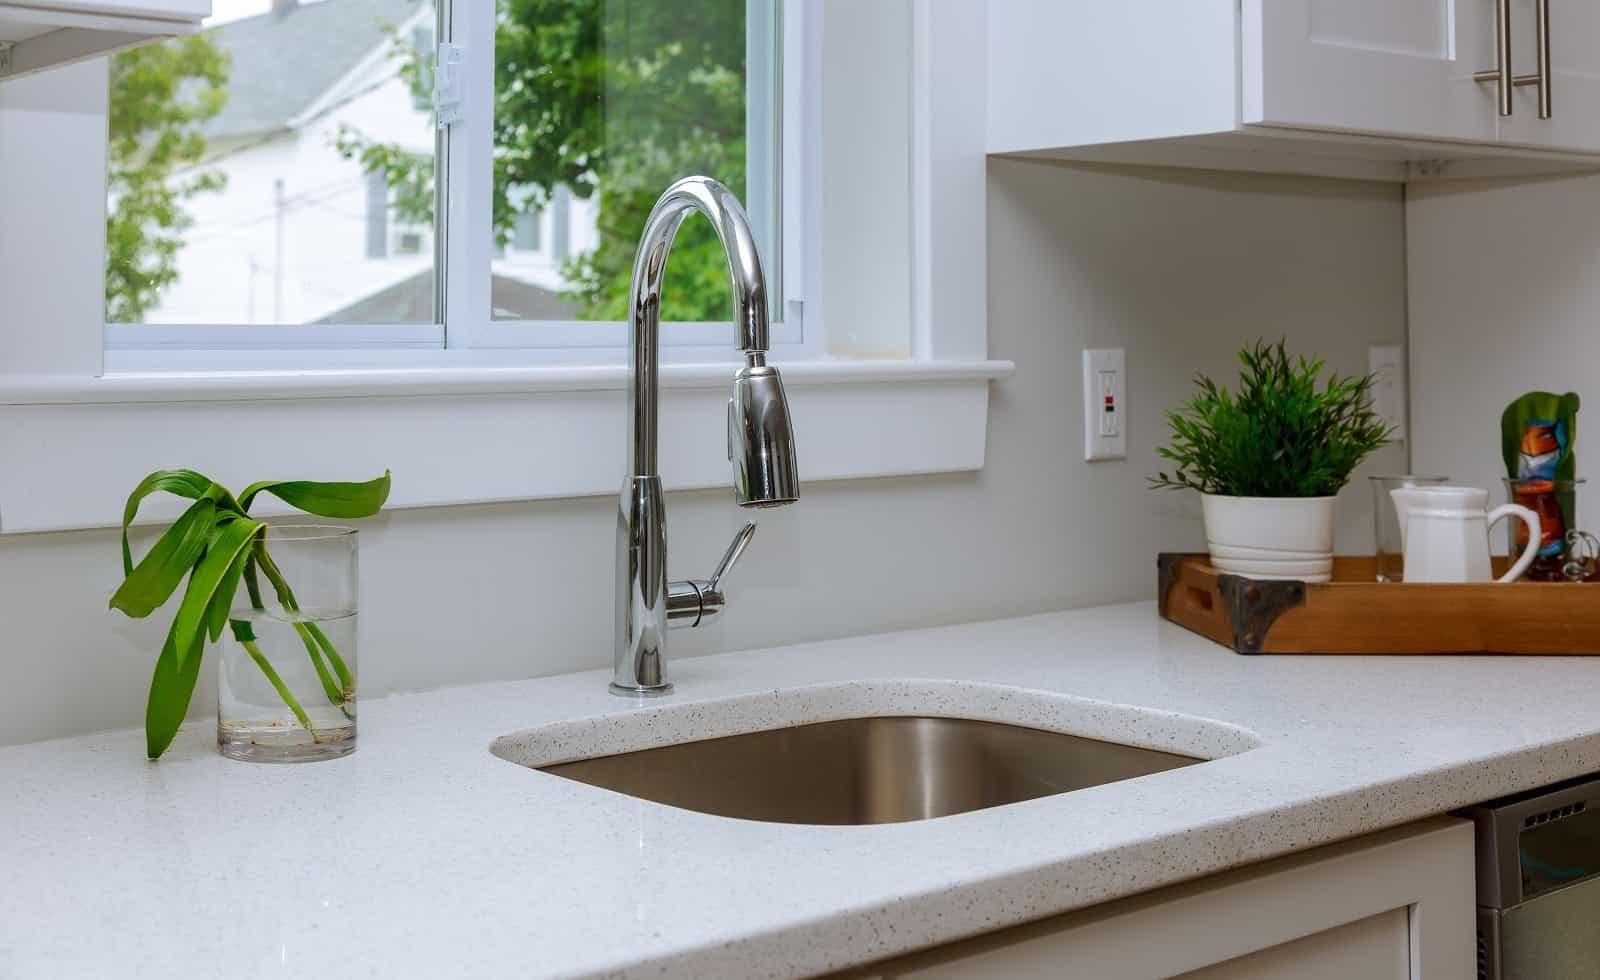 clean modern kitchen sink